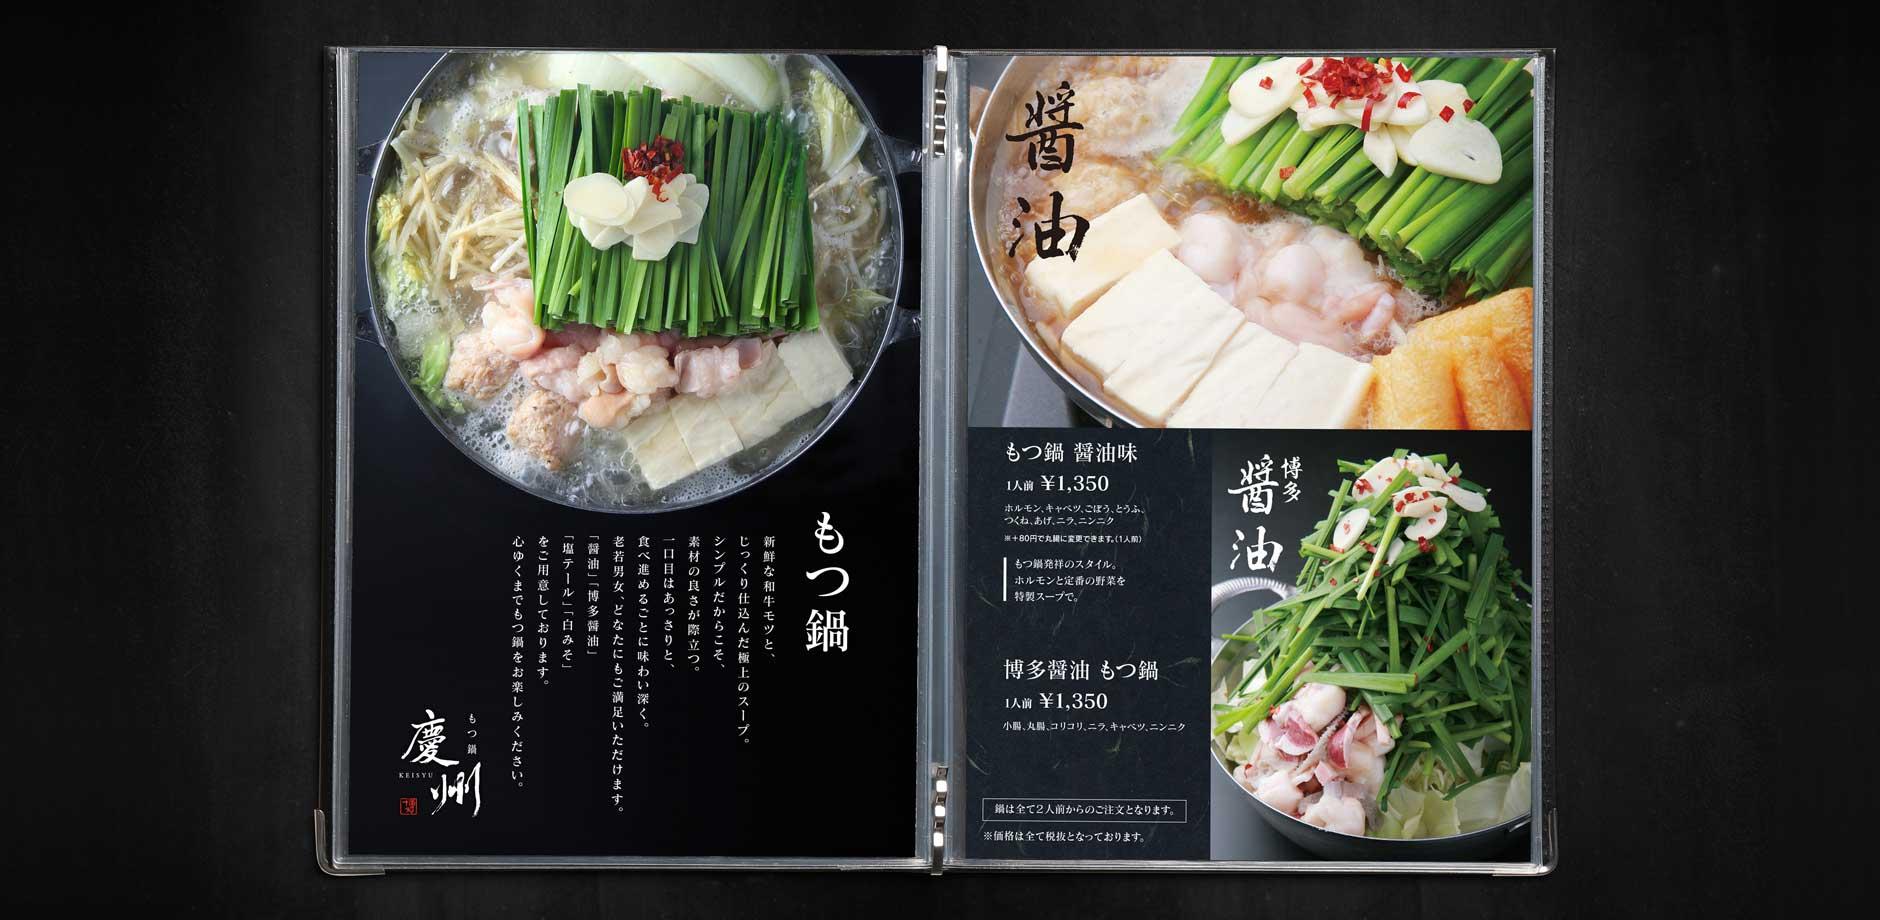 もつ鍋 慶州 飯塚店画像